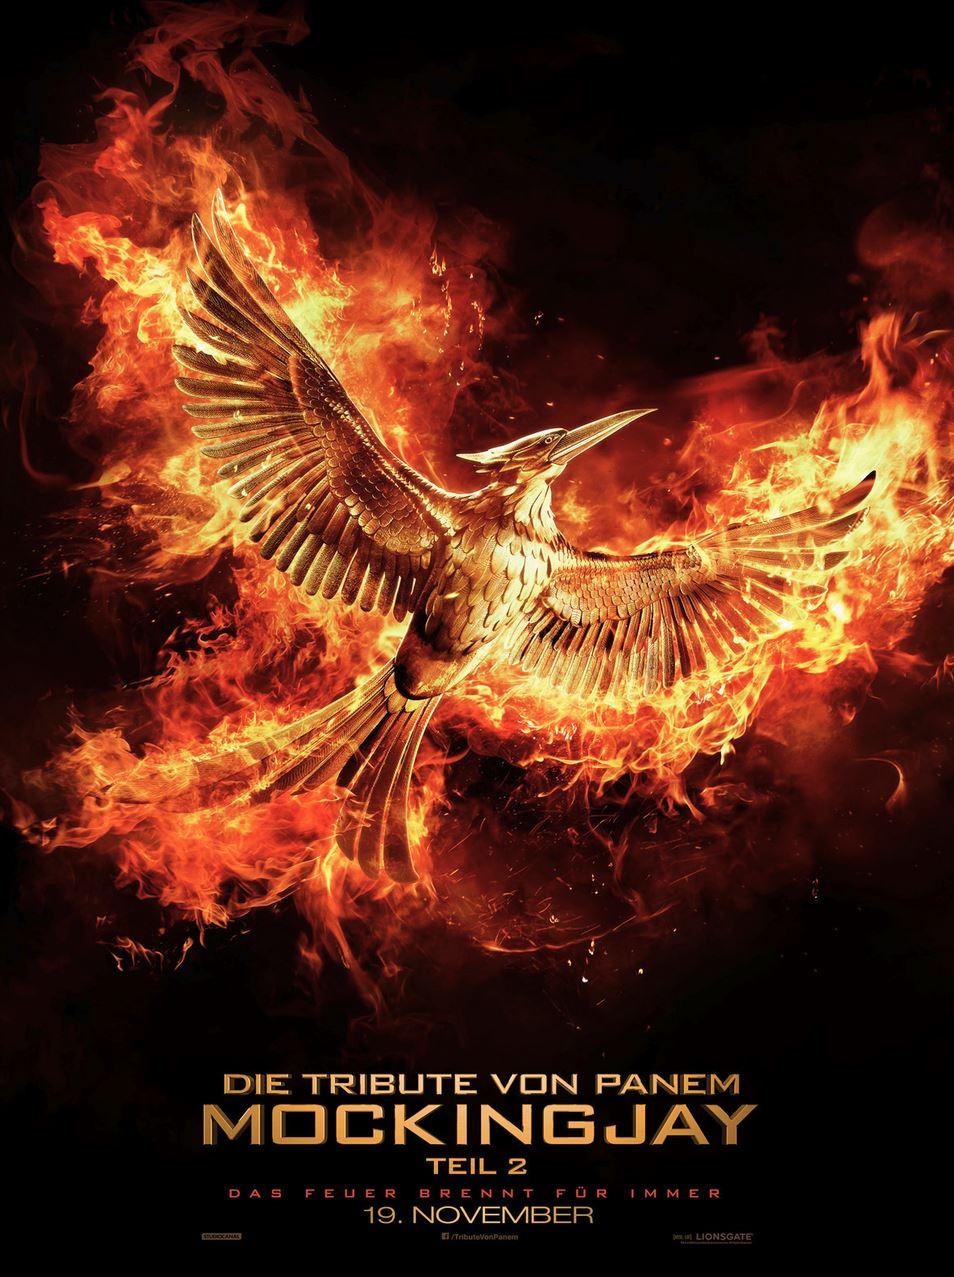 Die Tribute Von Panem Mockingjay Teil2 Kino Film 2015 Trailer